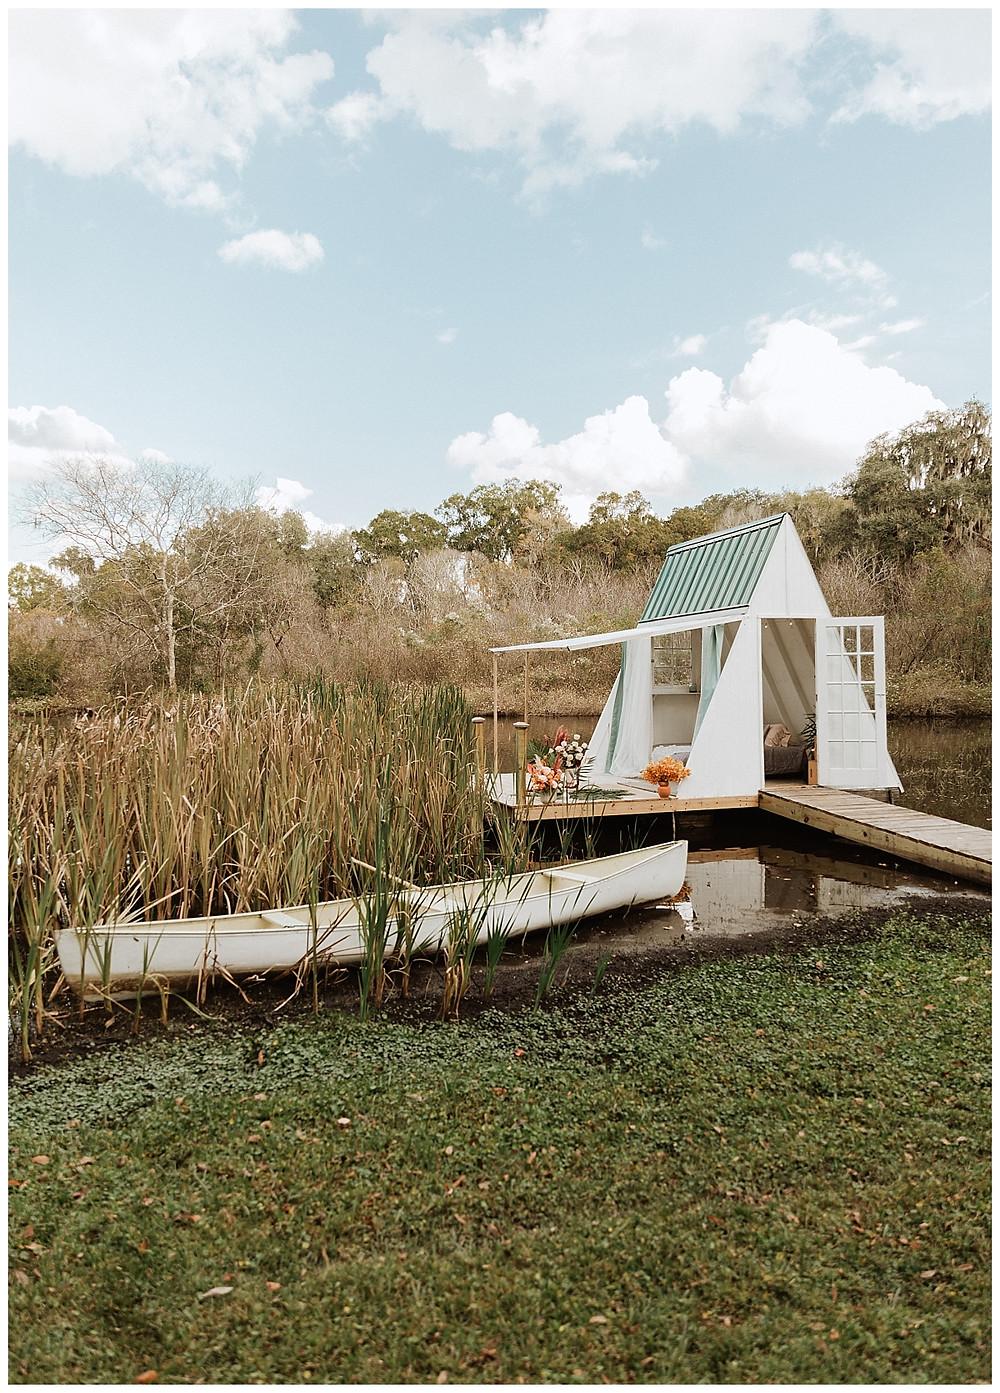 Boho A-Frame Floating Lakehouse at Enchanted Oaks Farms, Florida